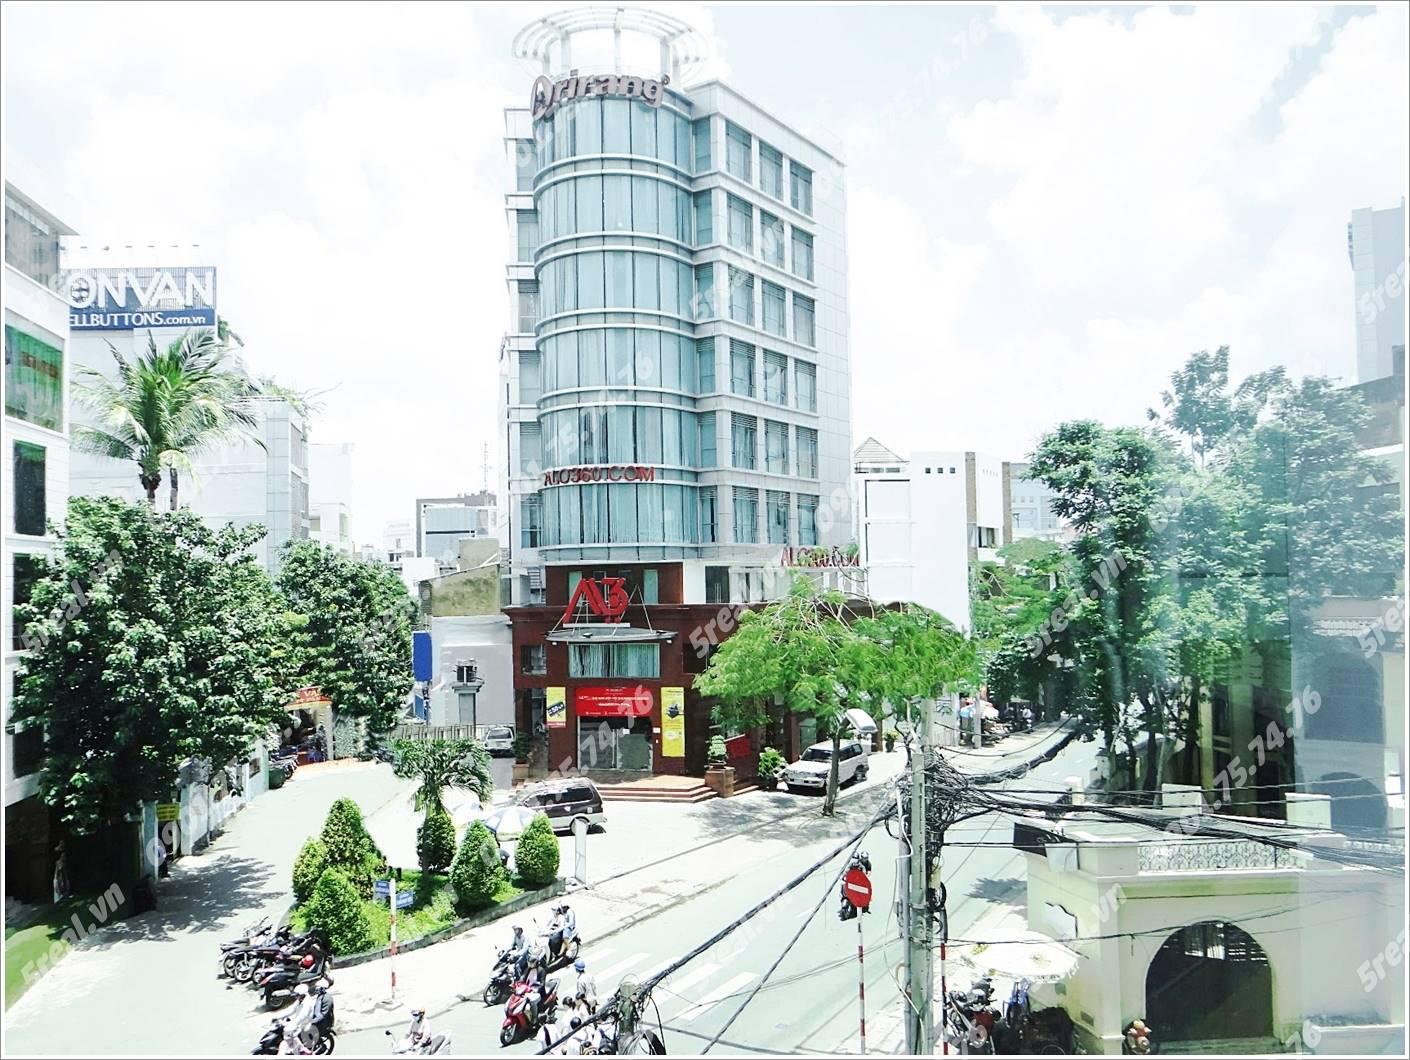 arirang-building-tran-huy-lieu-quan-phu-nhuan-cho-thue-van-phong-tphcm-5real.vn-00